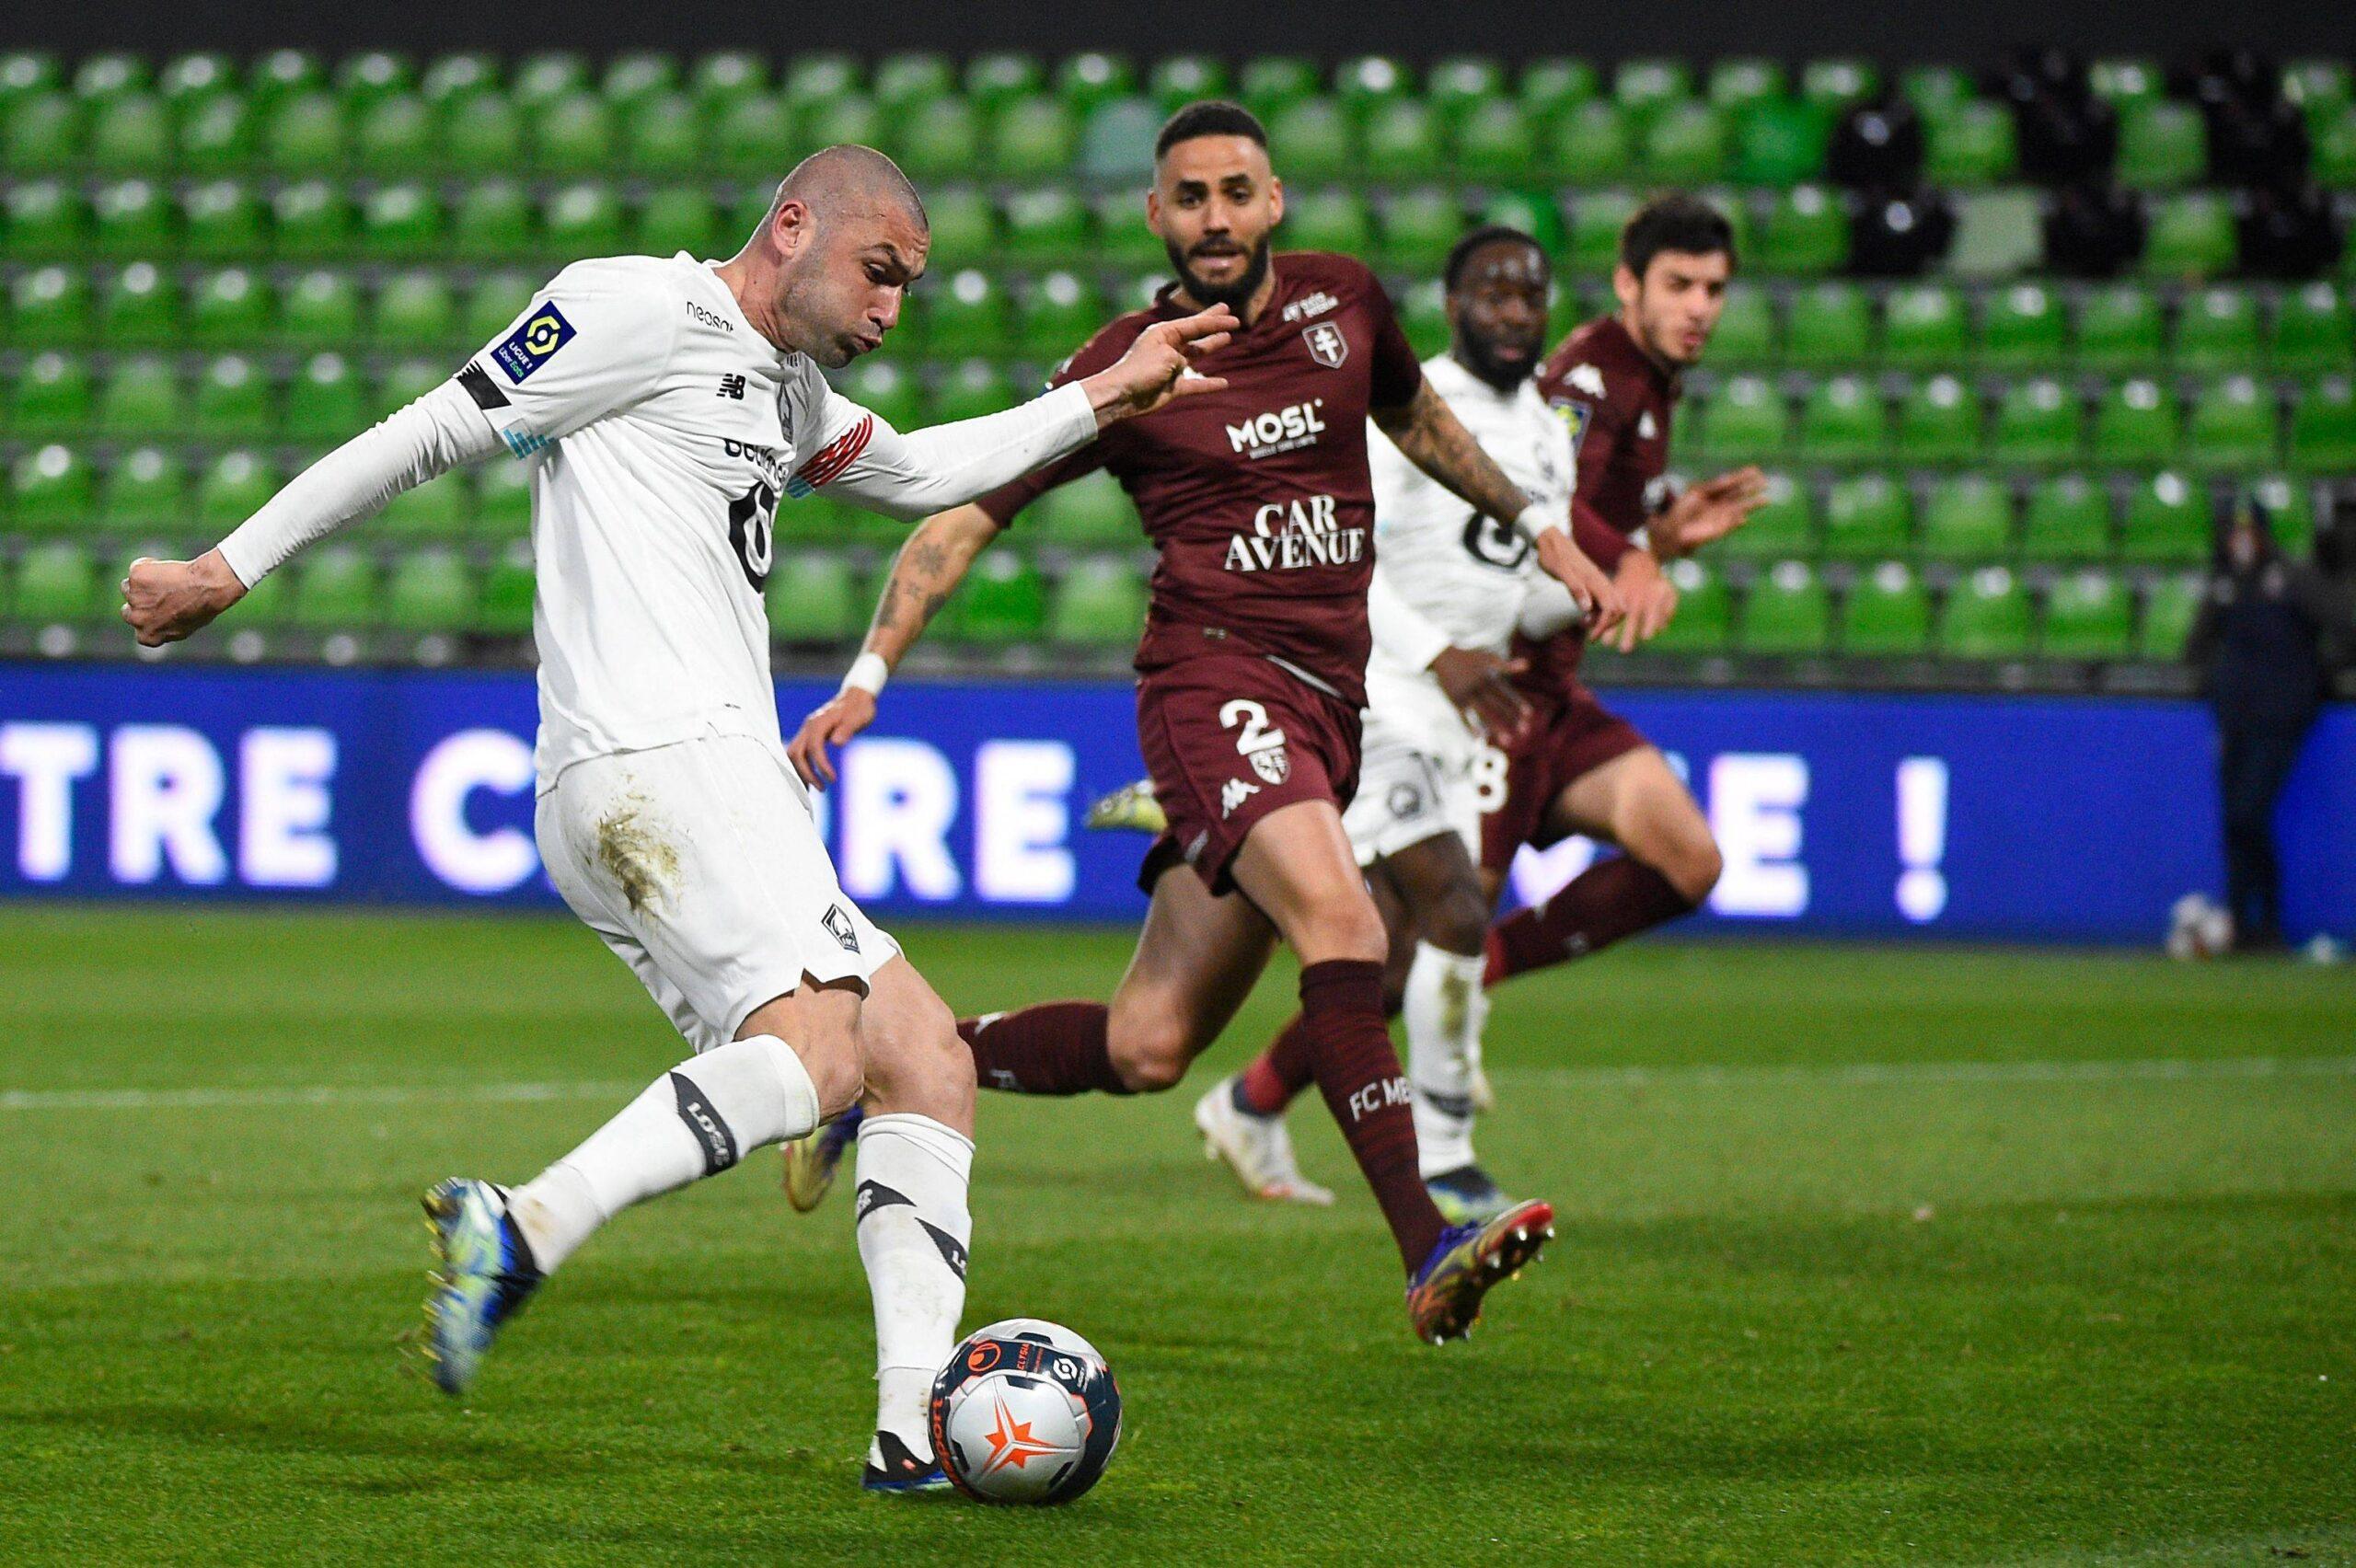 Soi kèo Metz vs Lille, 22h00 ngày 8/8, Ligue 1